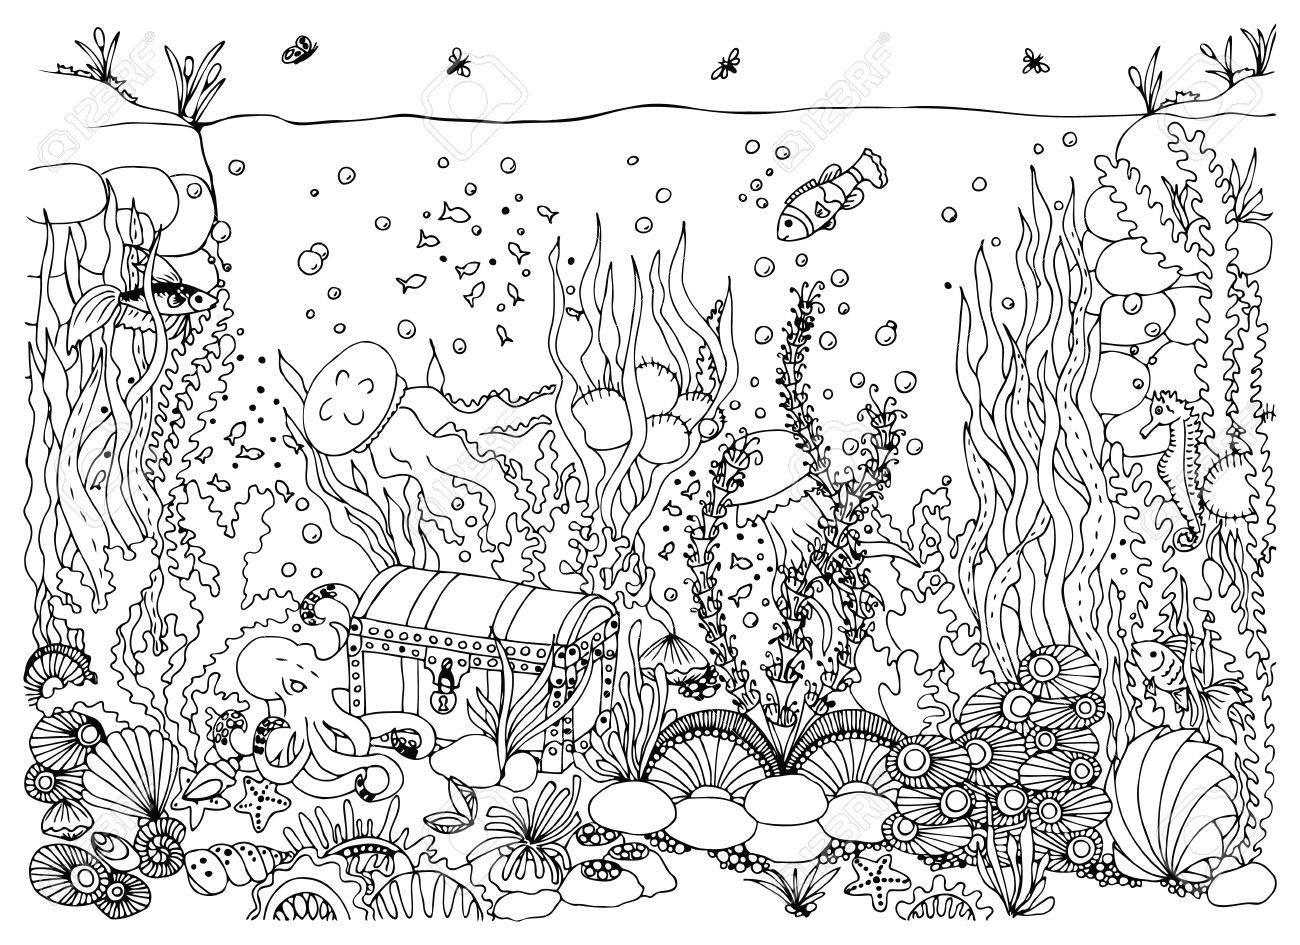 Coloriage Bateau Sous Marin.Monde Sous Marin Mer Griffonnage Ocean Conte De Fees Une Aventure Coffre Au Tresor Coloriage Livre Anti Stress Pour Les Adultes Noir Et Blanc